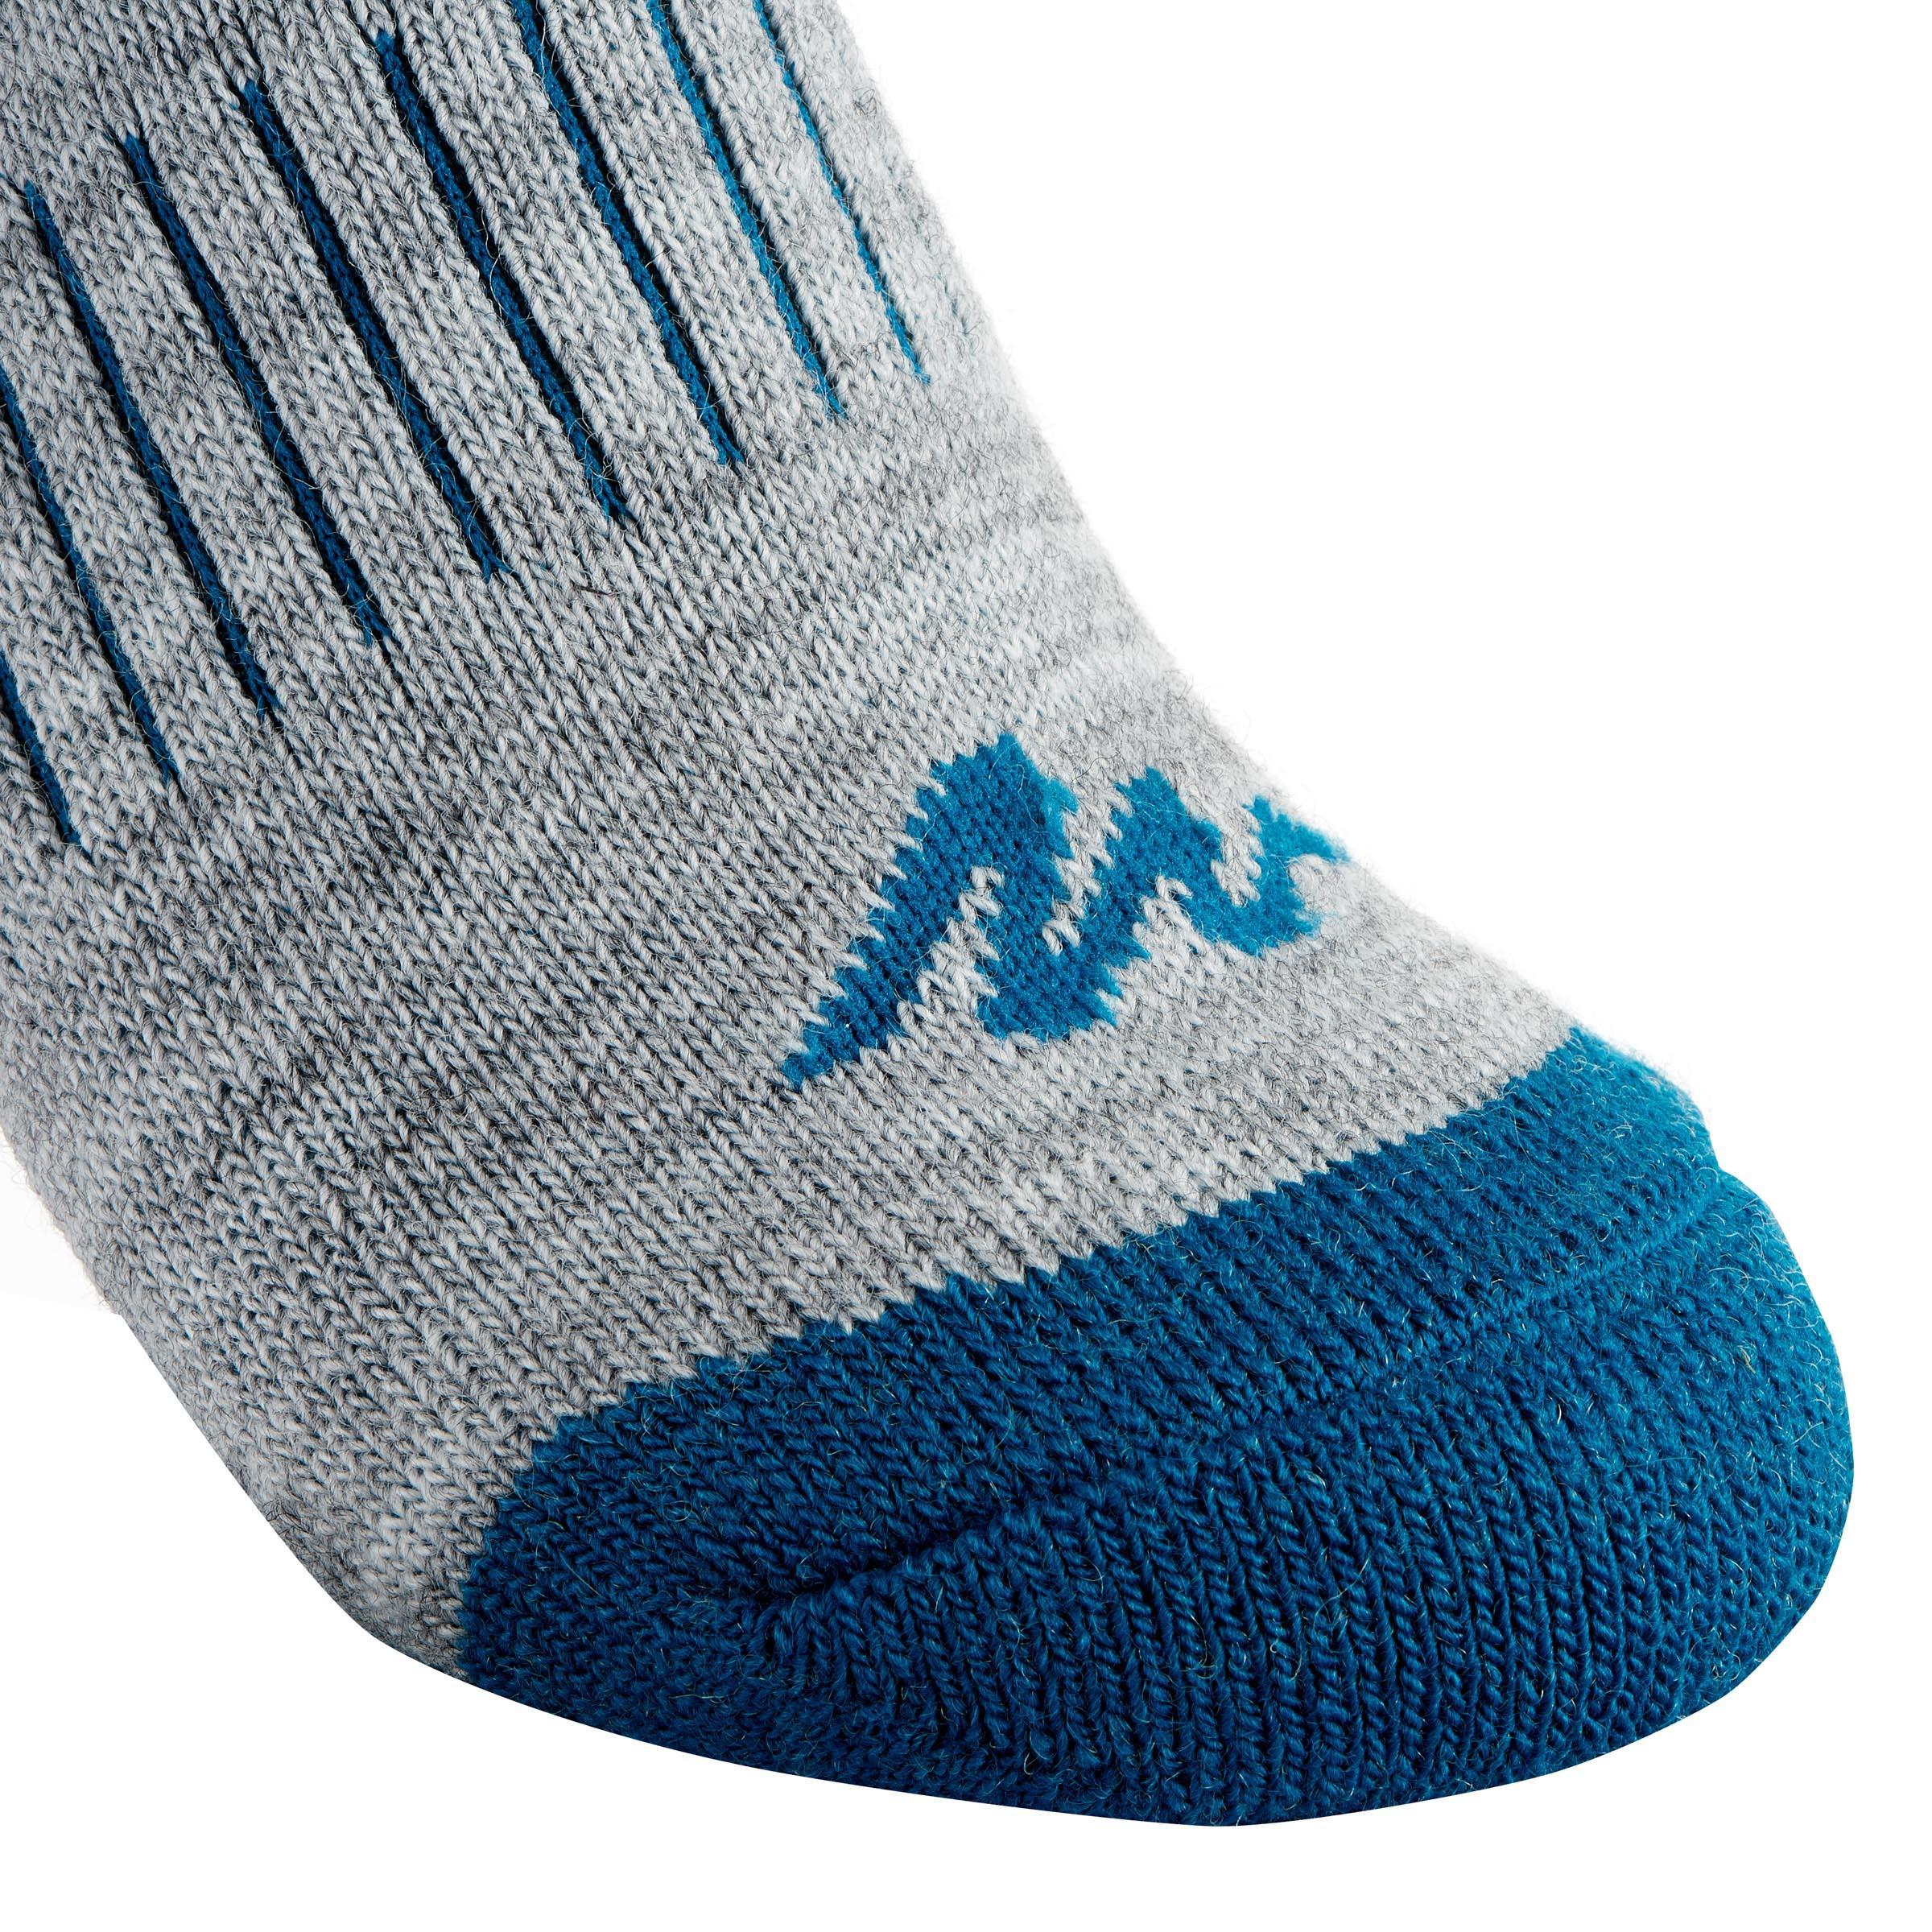 Chaussettes de randonnée neige junior SH100 chaudes mi-hauteur gris bleues.